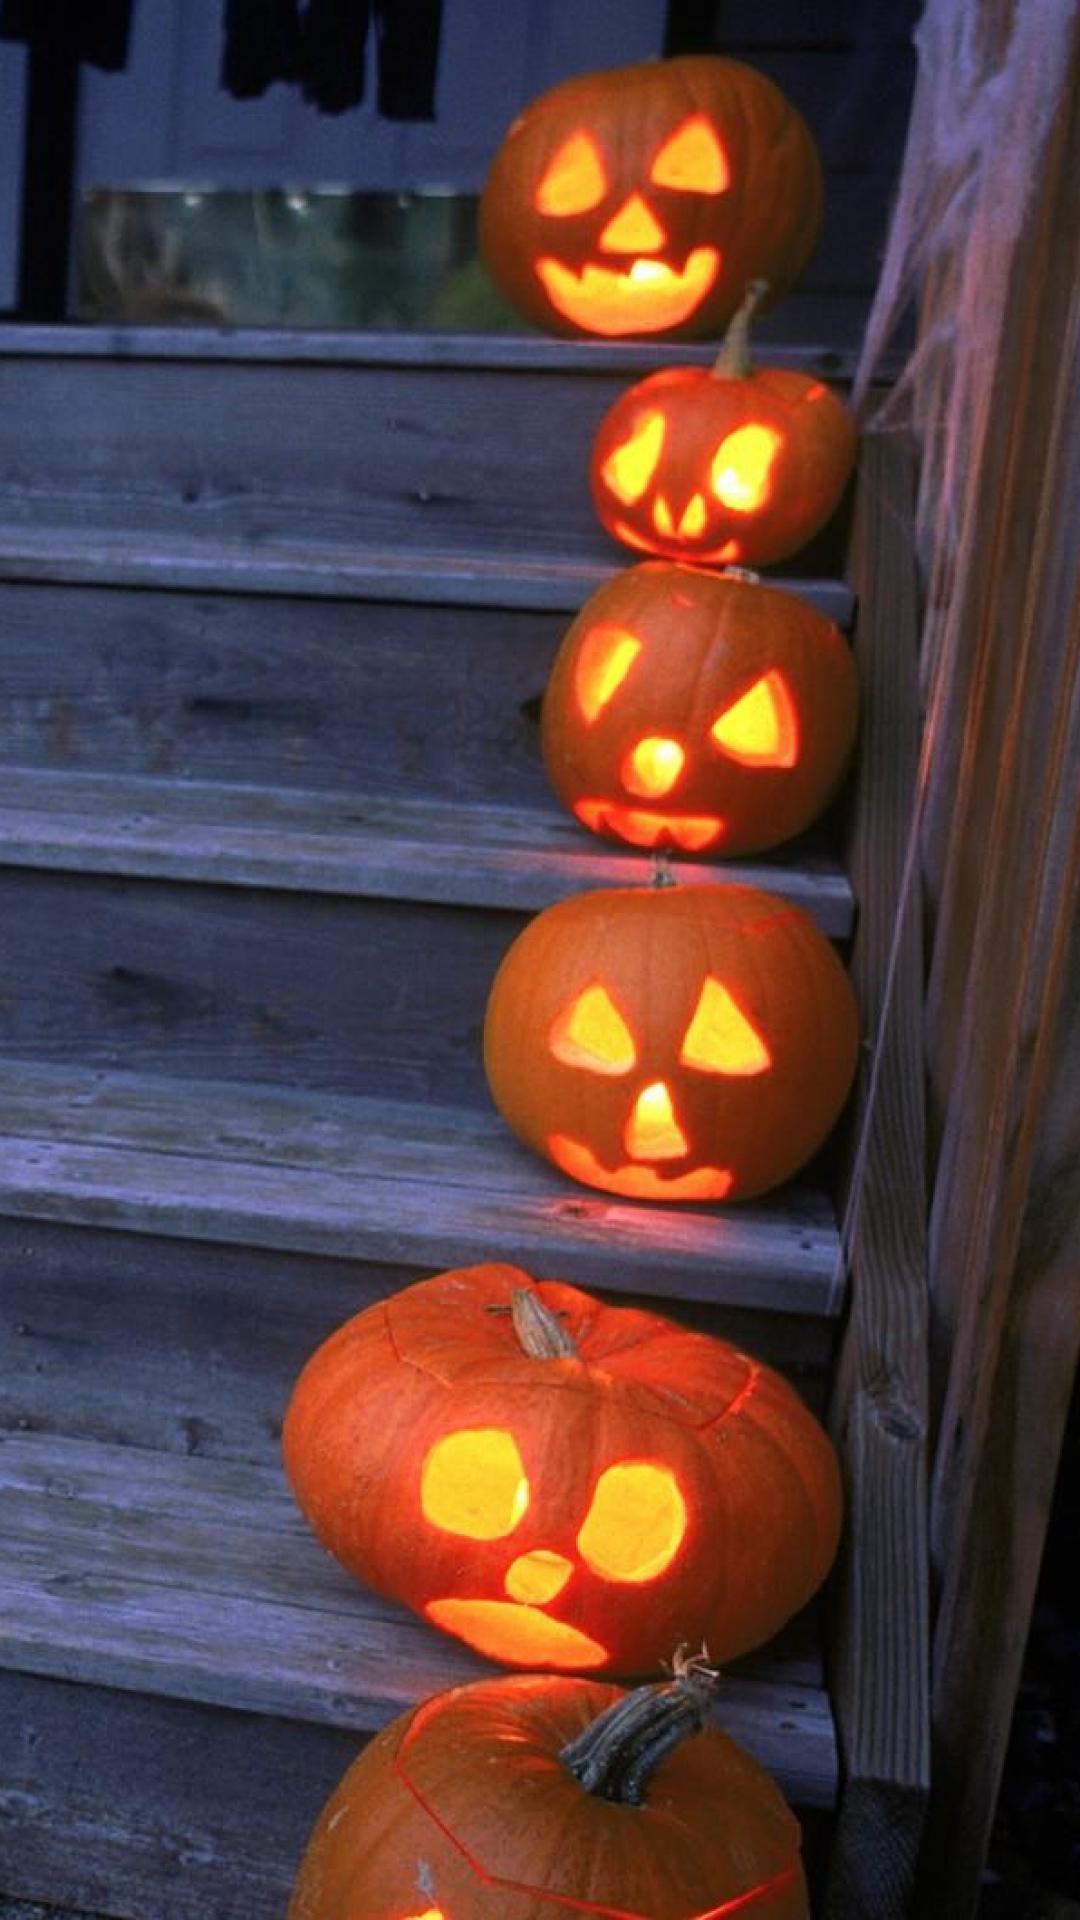 Pumpkins Fall Wallpaper Halloween Iphone Backgrounds Pixelstalk Net